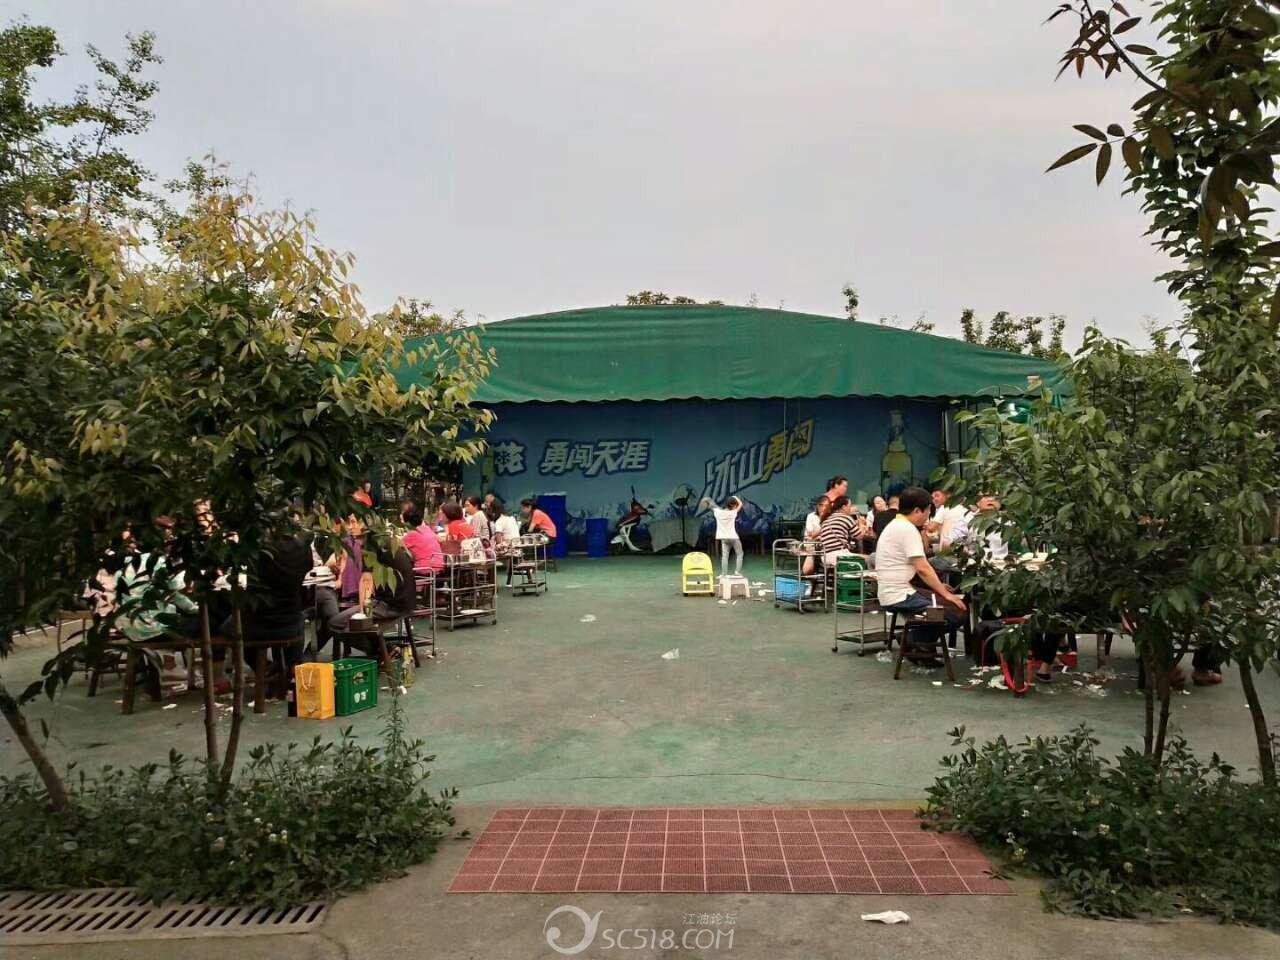 江油明月岛公园斜对面铁扇公主烤肉庄啤酒活动开始了!